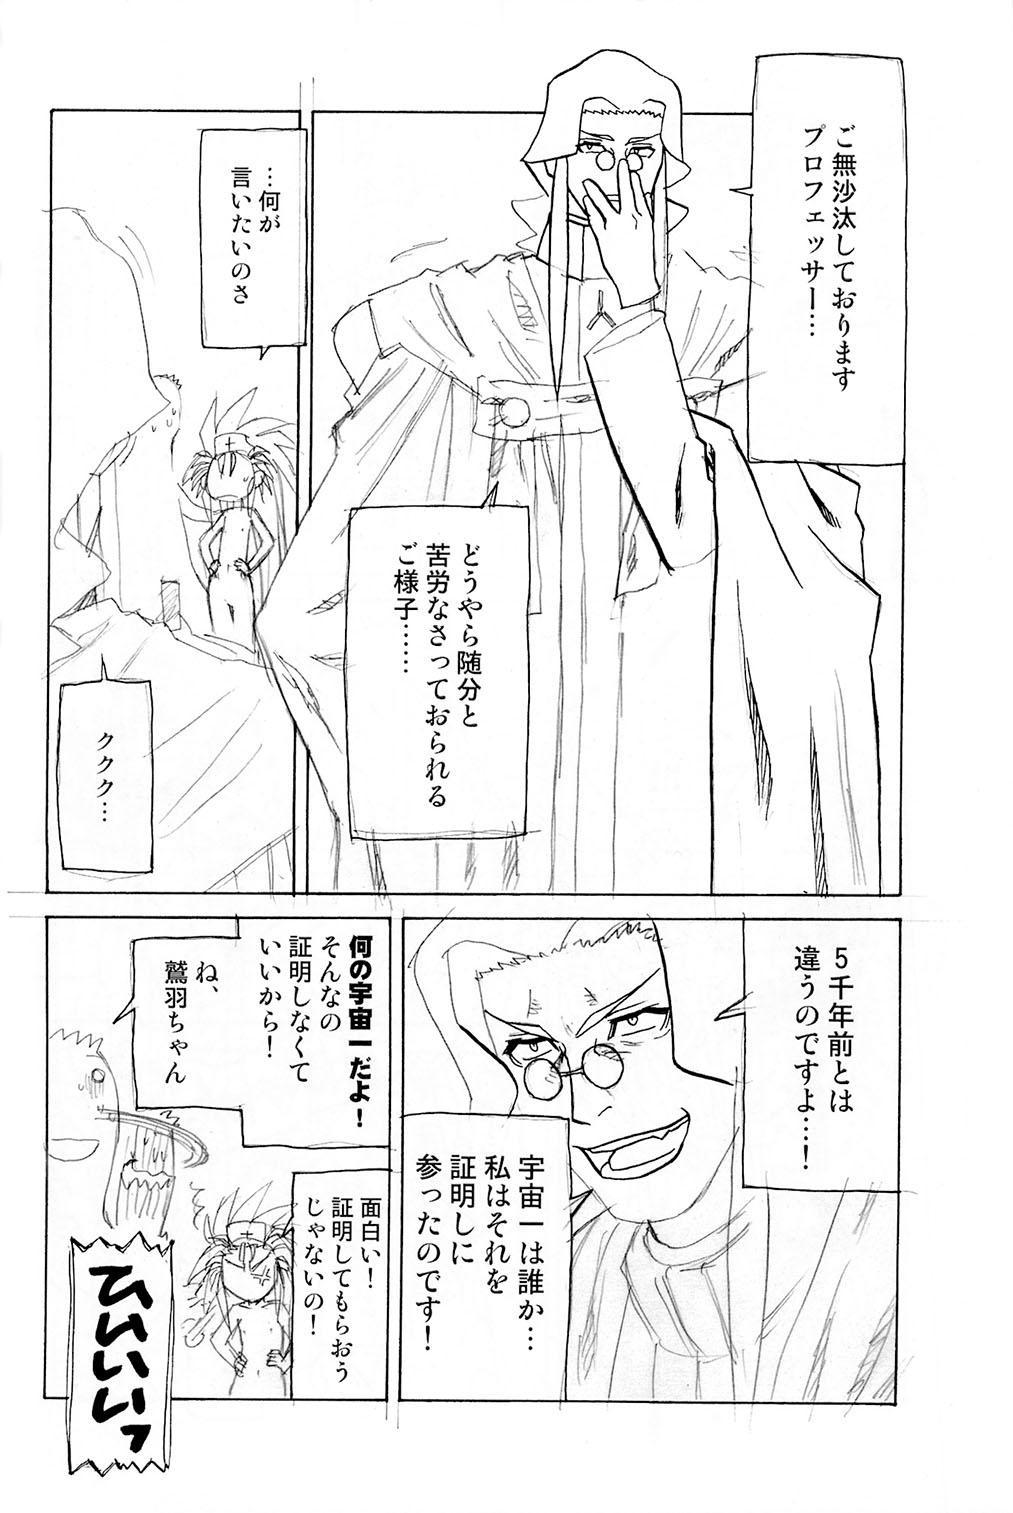 Ianryokou Toujitsu No Yoru 2 39